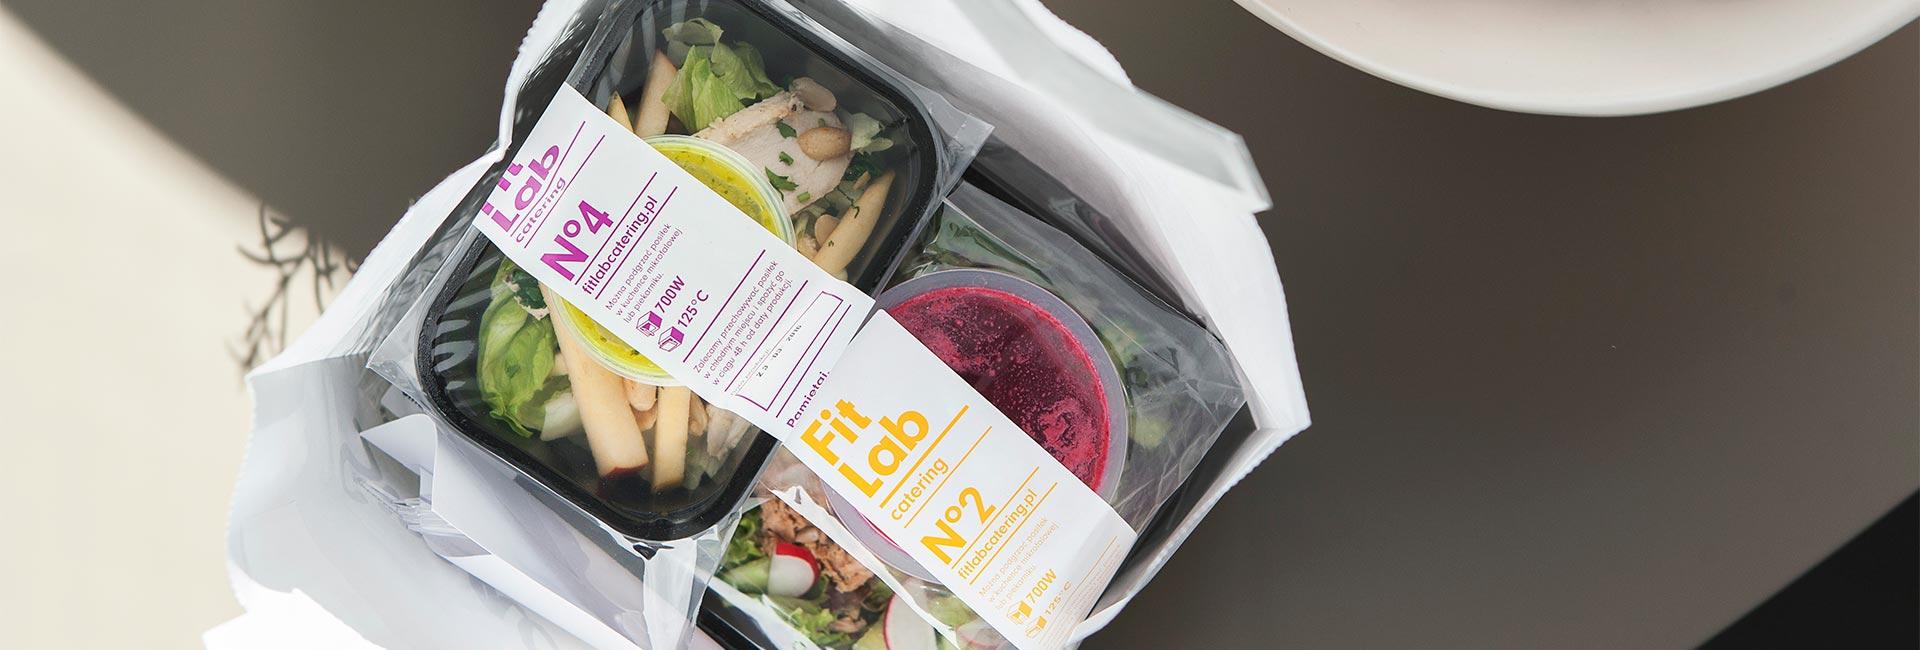 Zapakowane w pojemniki posiłki z diety FitLab